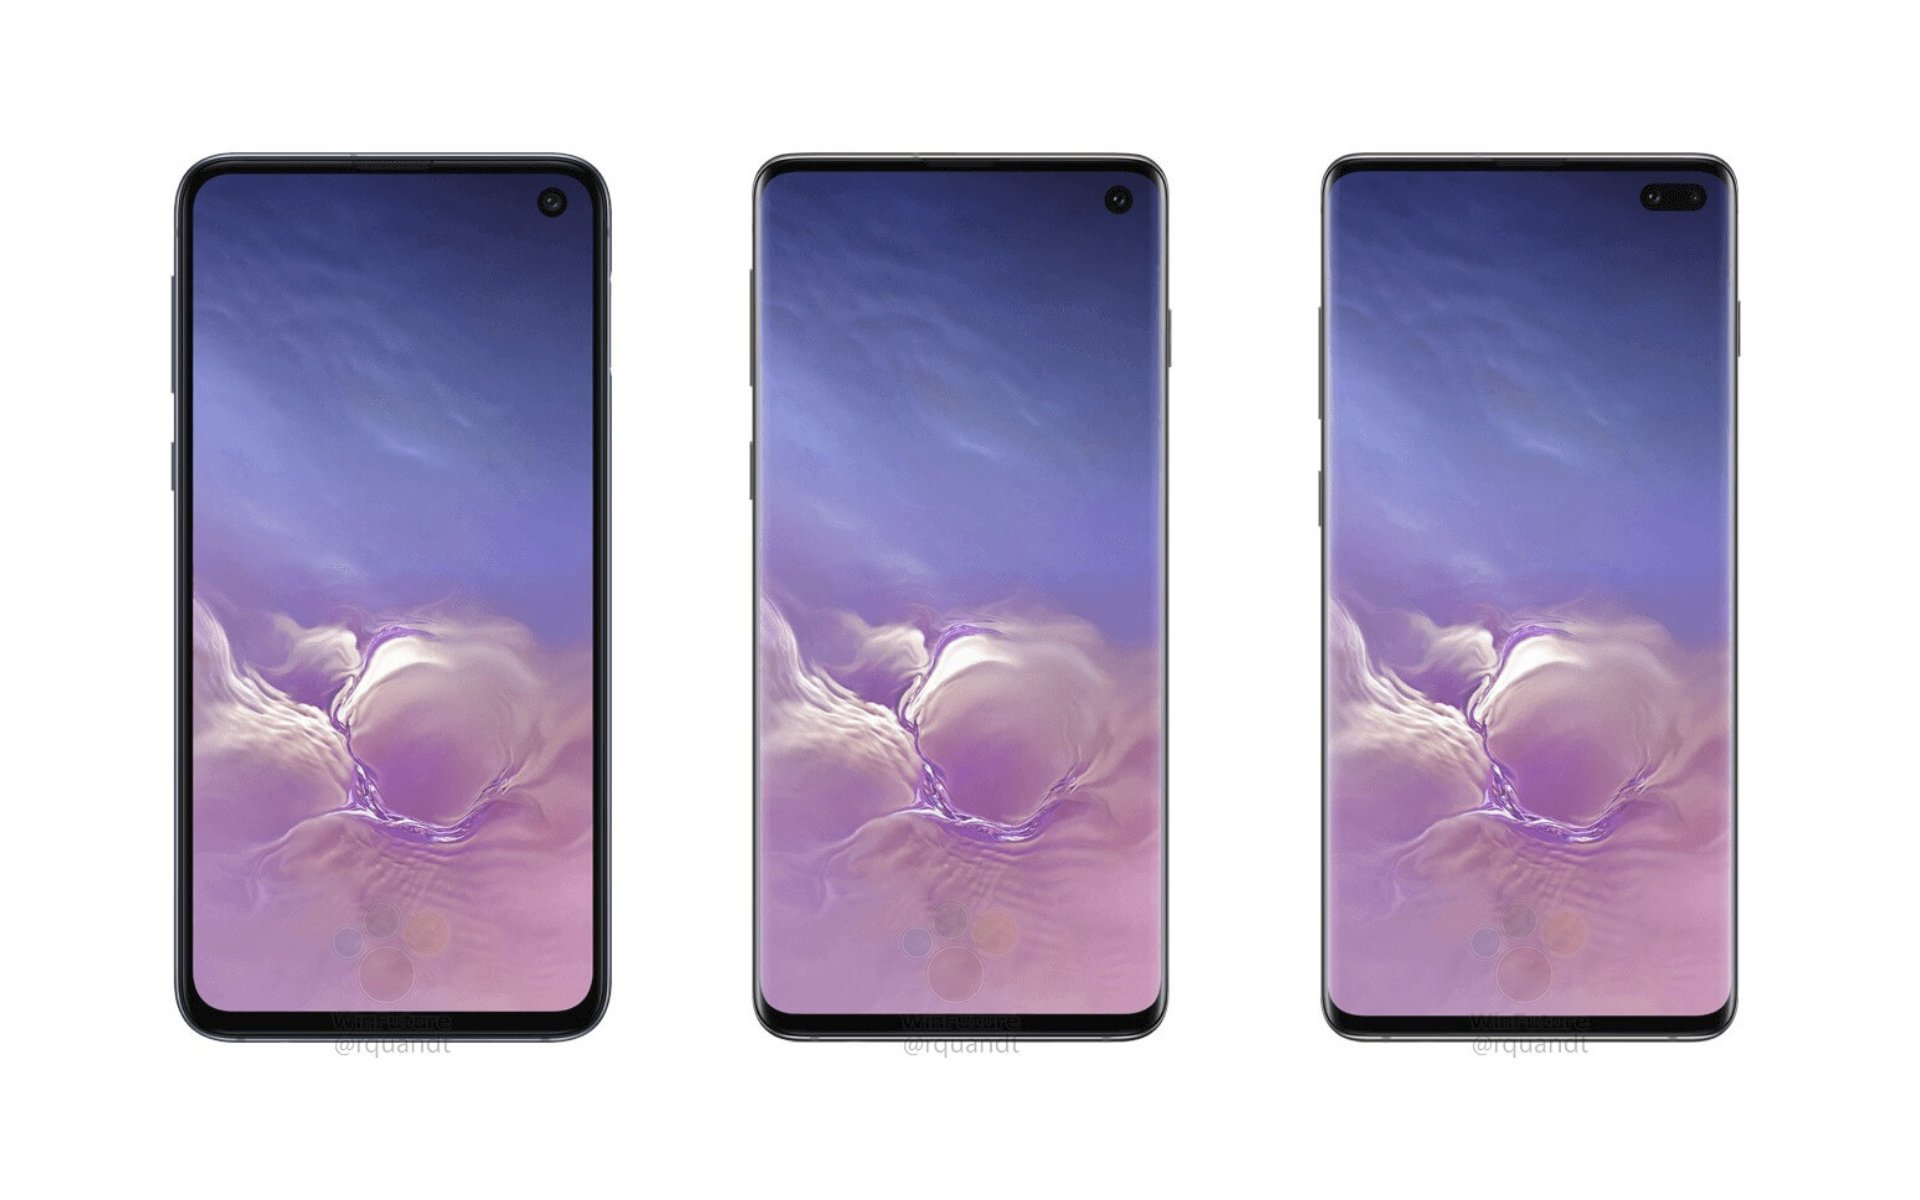 Vidéo du Samsung Galaxy S10, Xiaomi Mi 9 à 12 Go de RAM et navigation privée sur Chrome – Tech'spresso